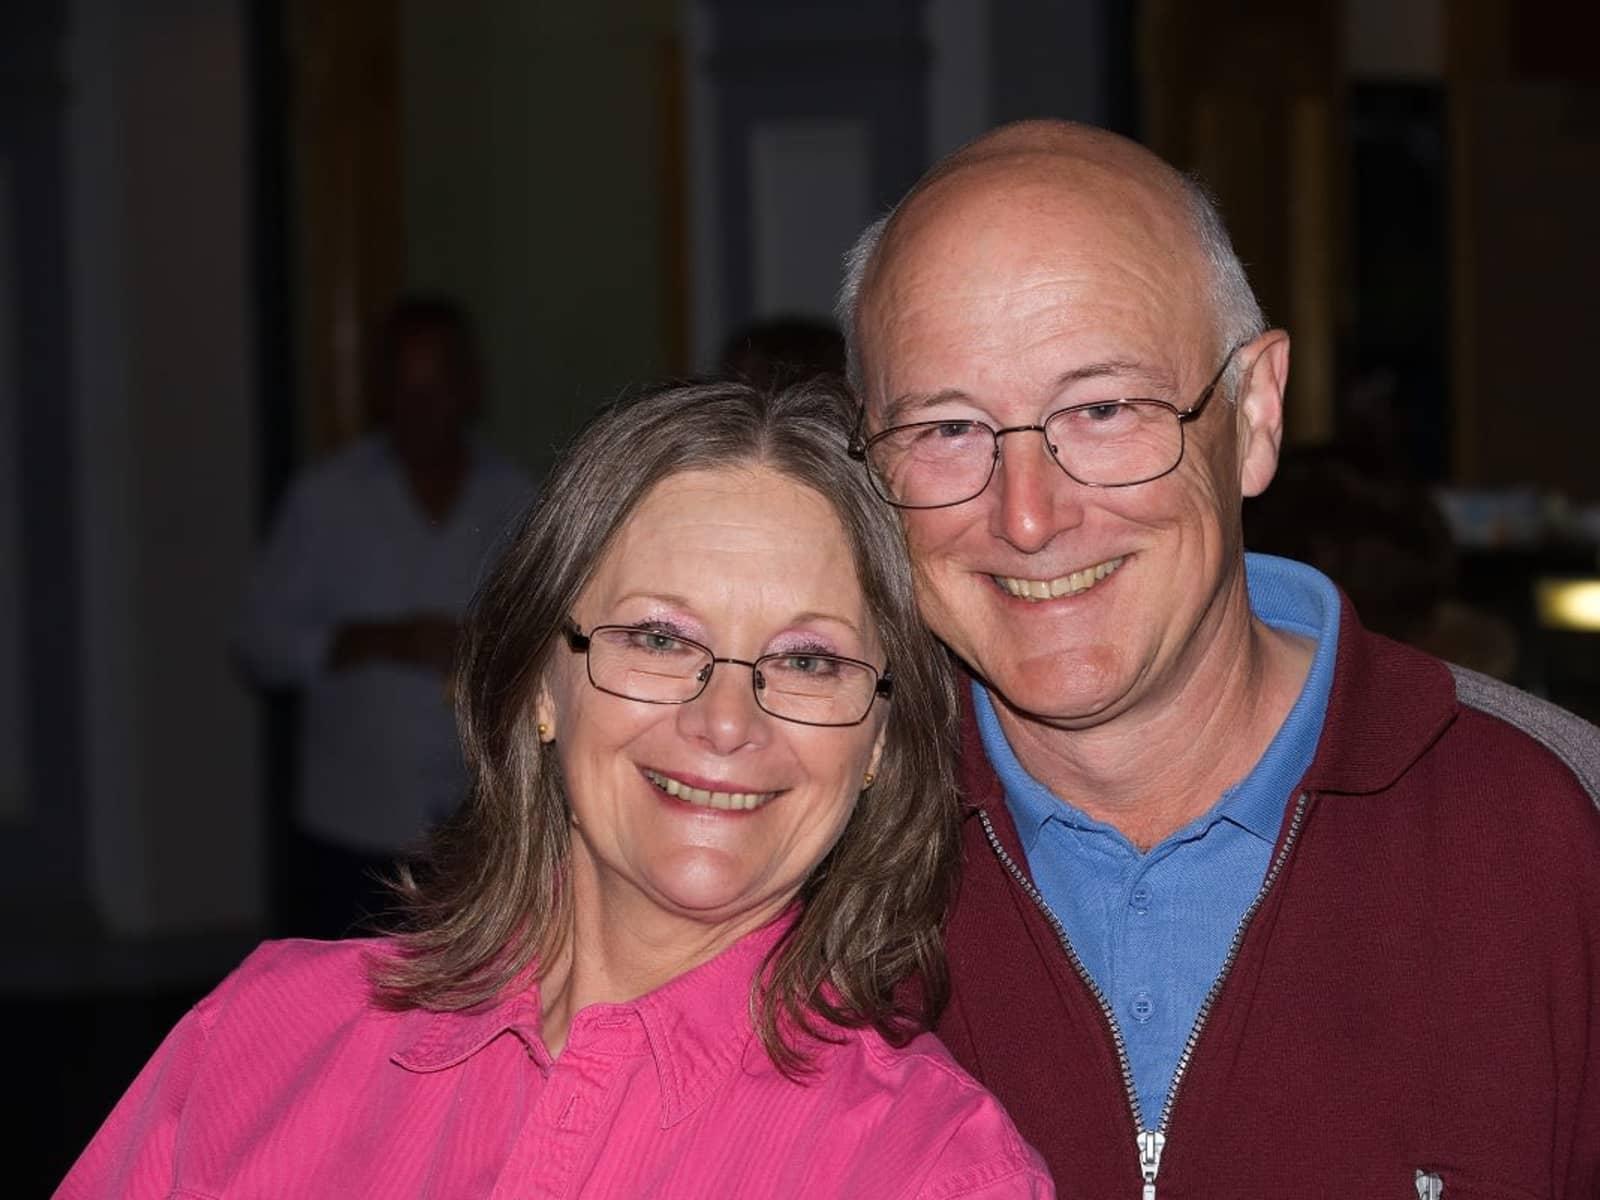 Melody & Col from Bendigo, Victoria, Australia